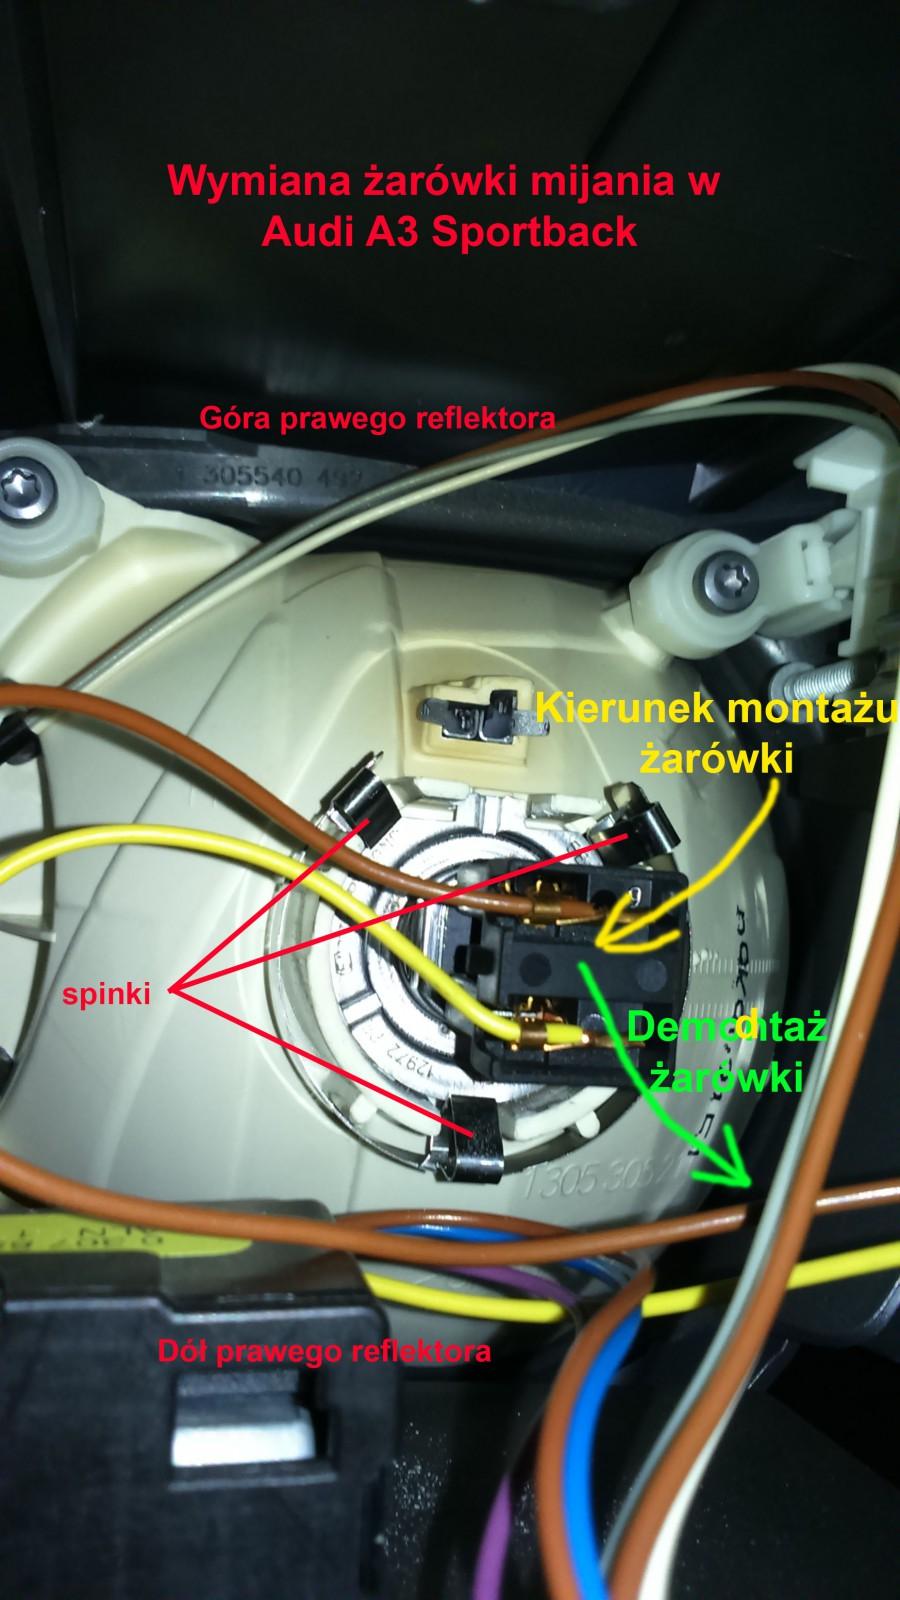 Wymiana żarówki Mijania W Audi A3 8p Sportback